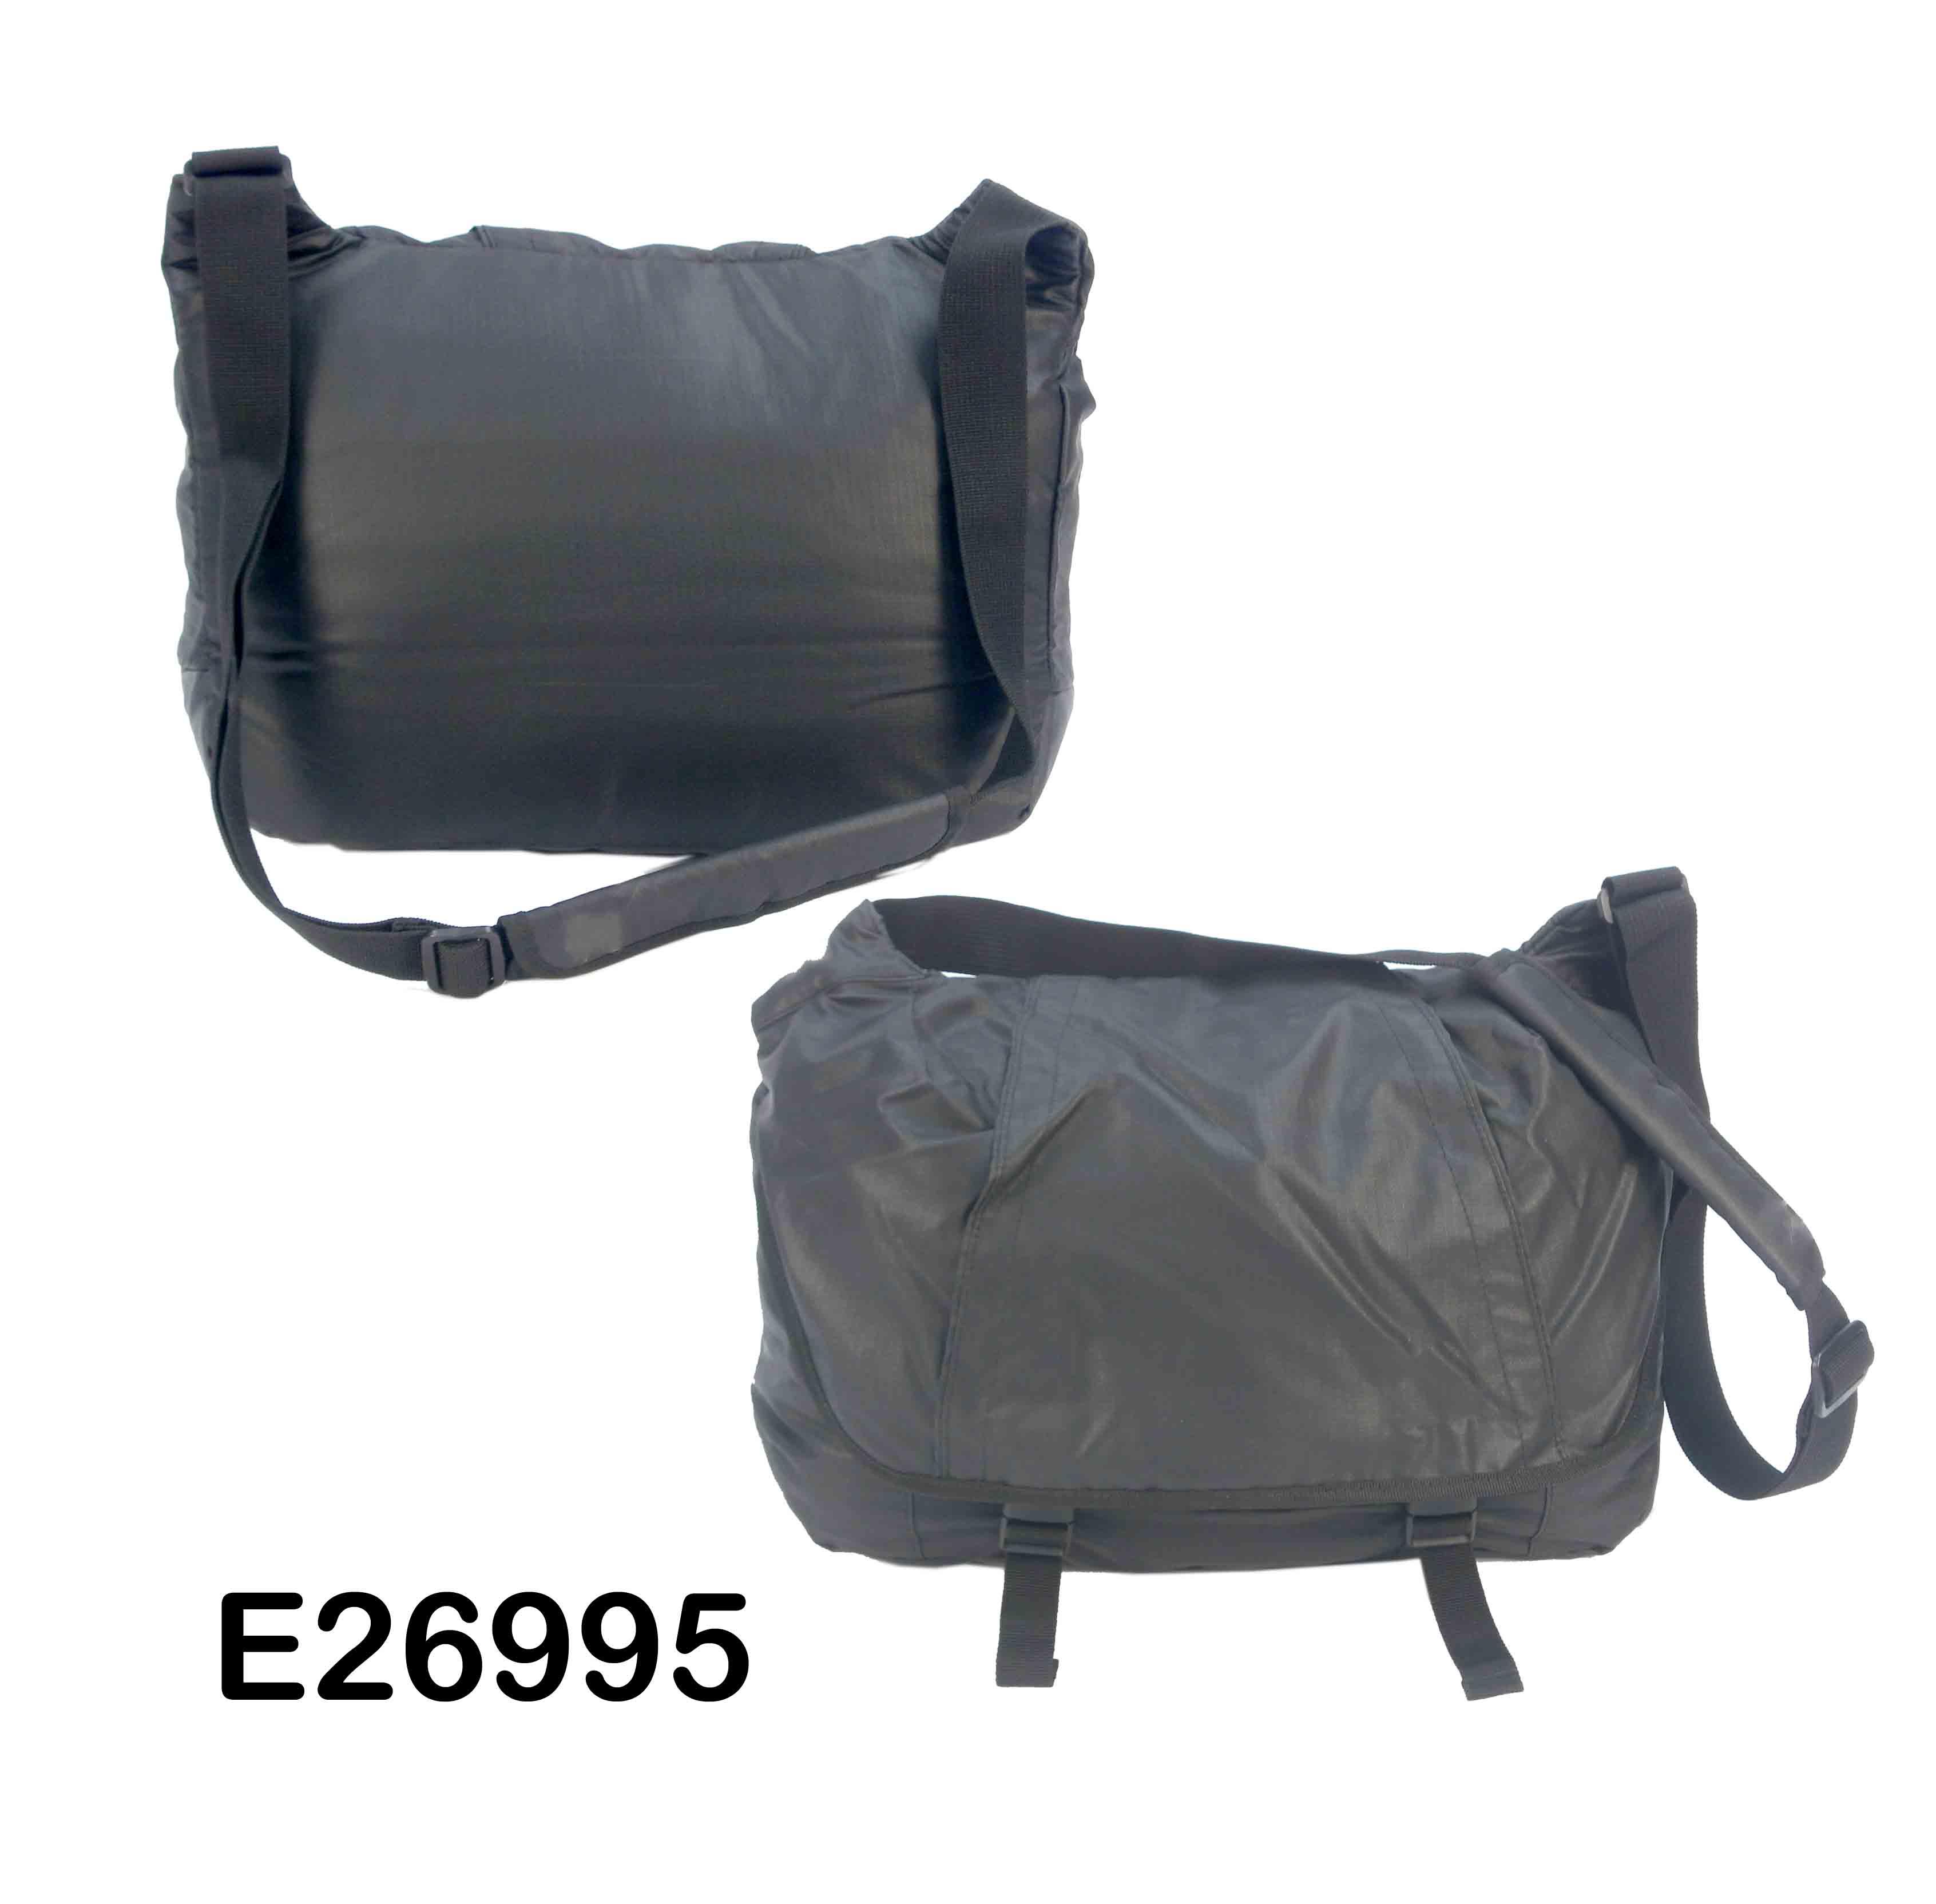 E26995 TE